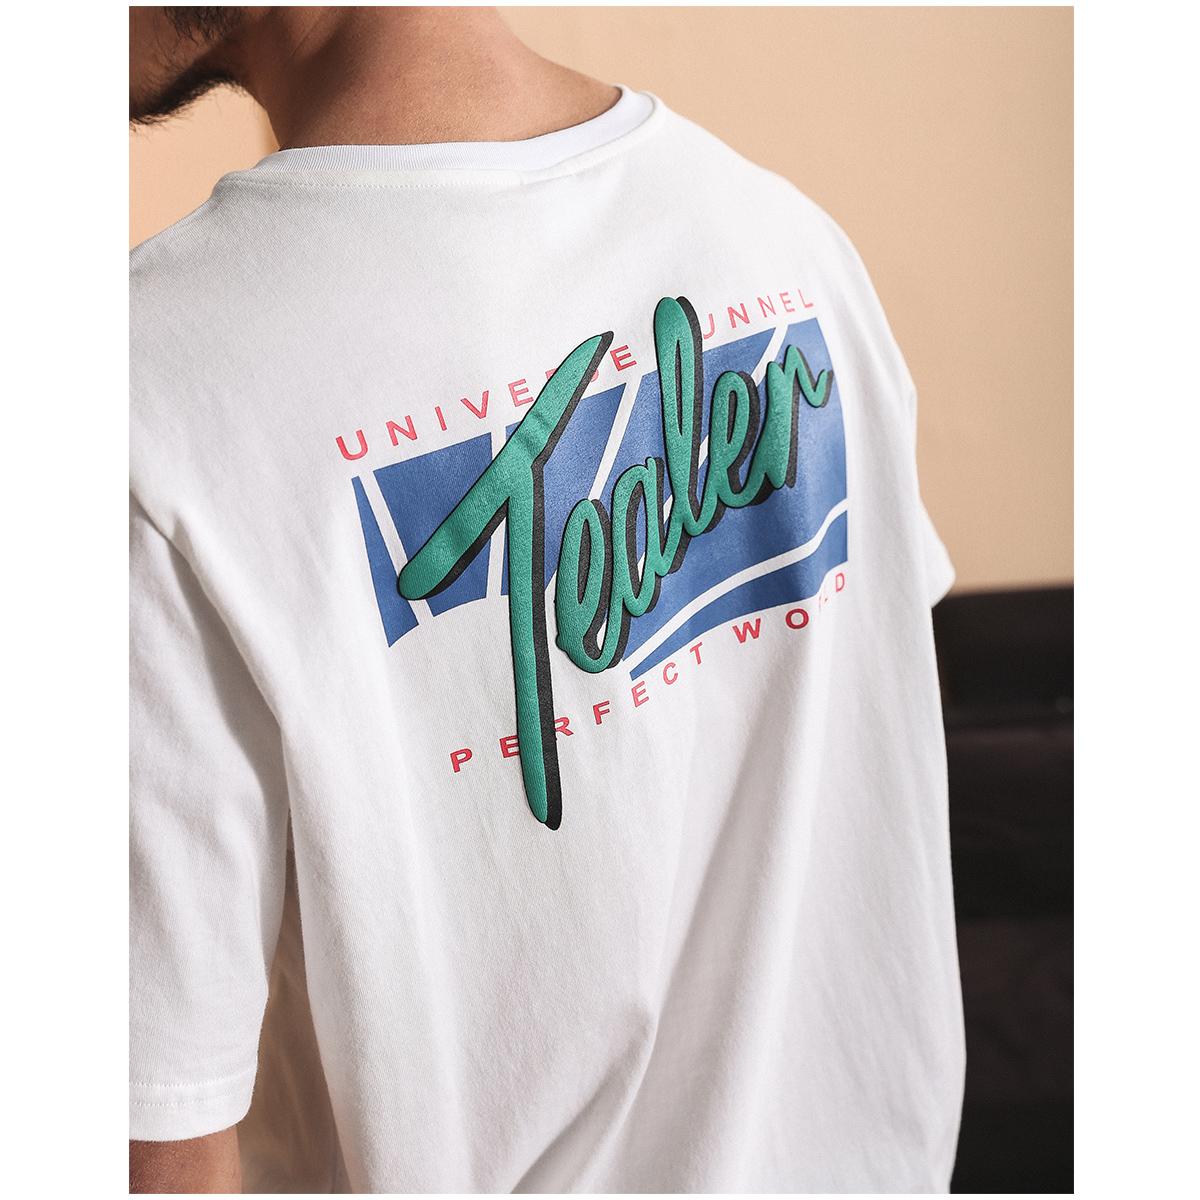 一本番�LPRINTED T-SHIRT美式复古简约字母印花短袖男圆领潮流T恤